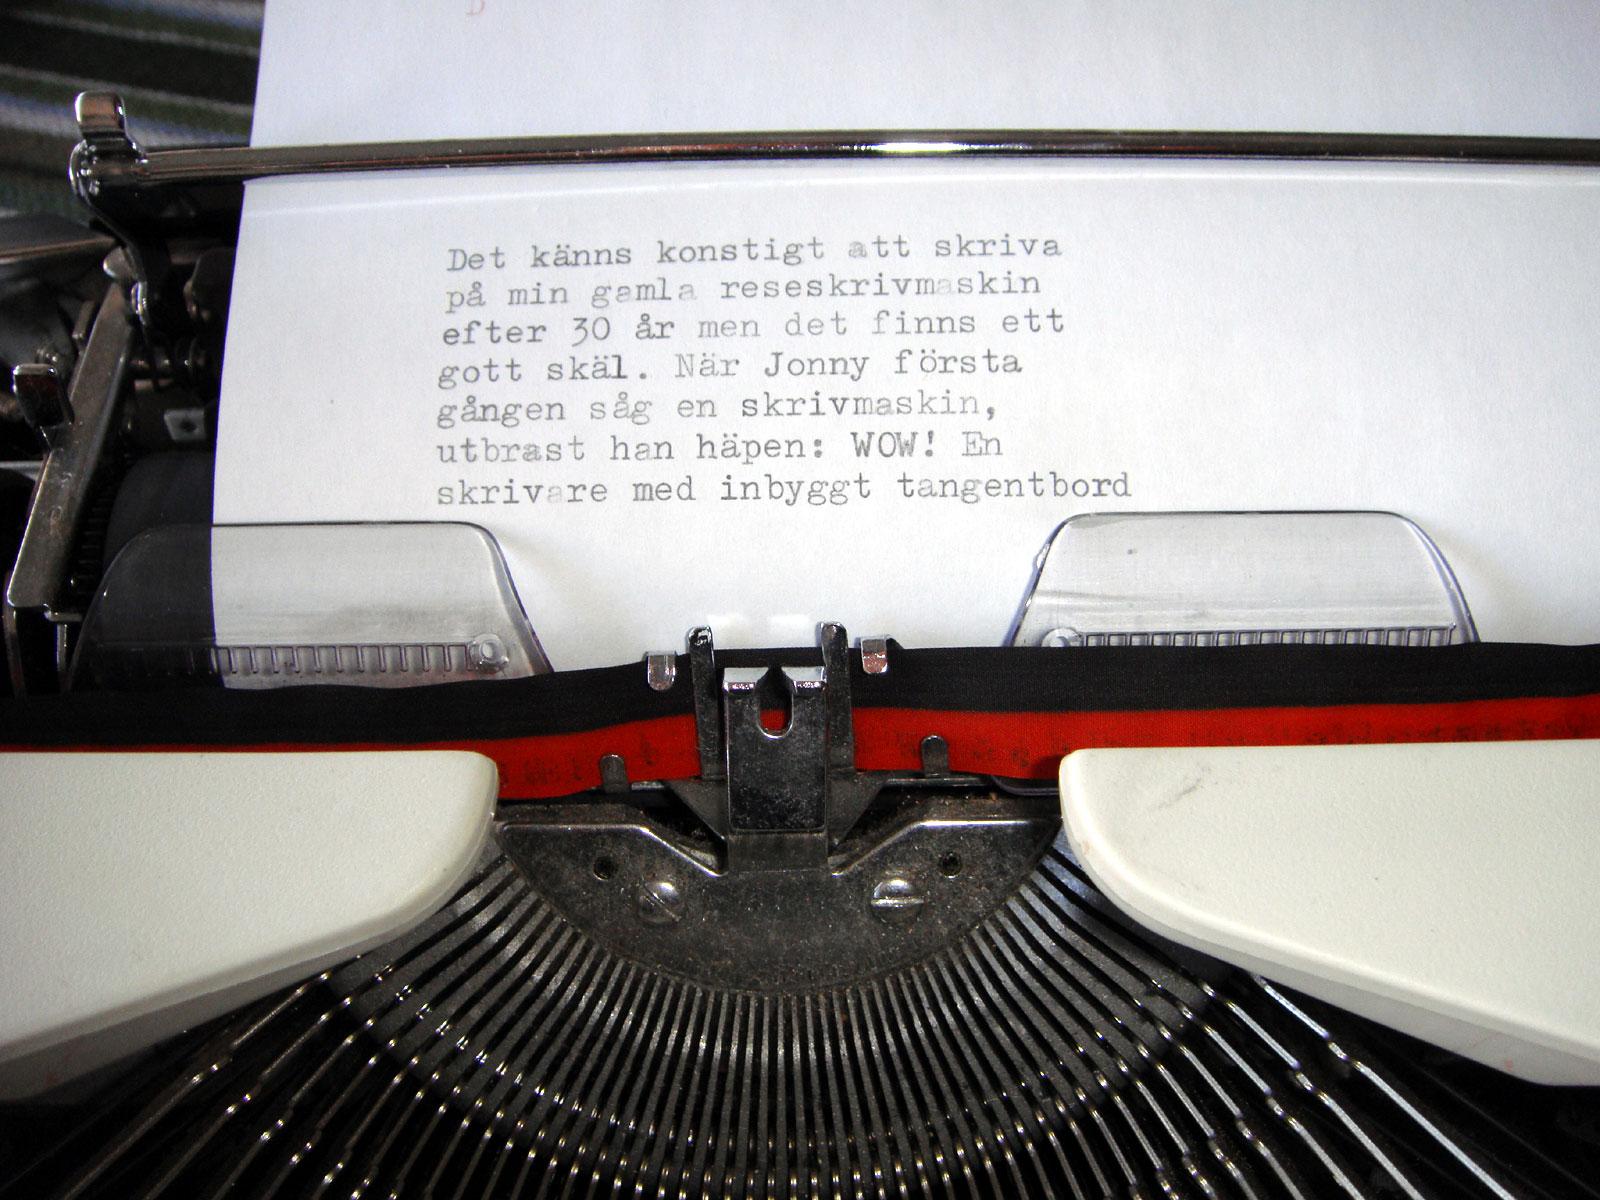 färgband till skrivmaskin